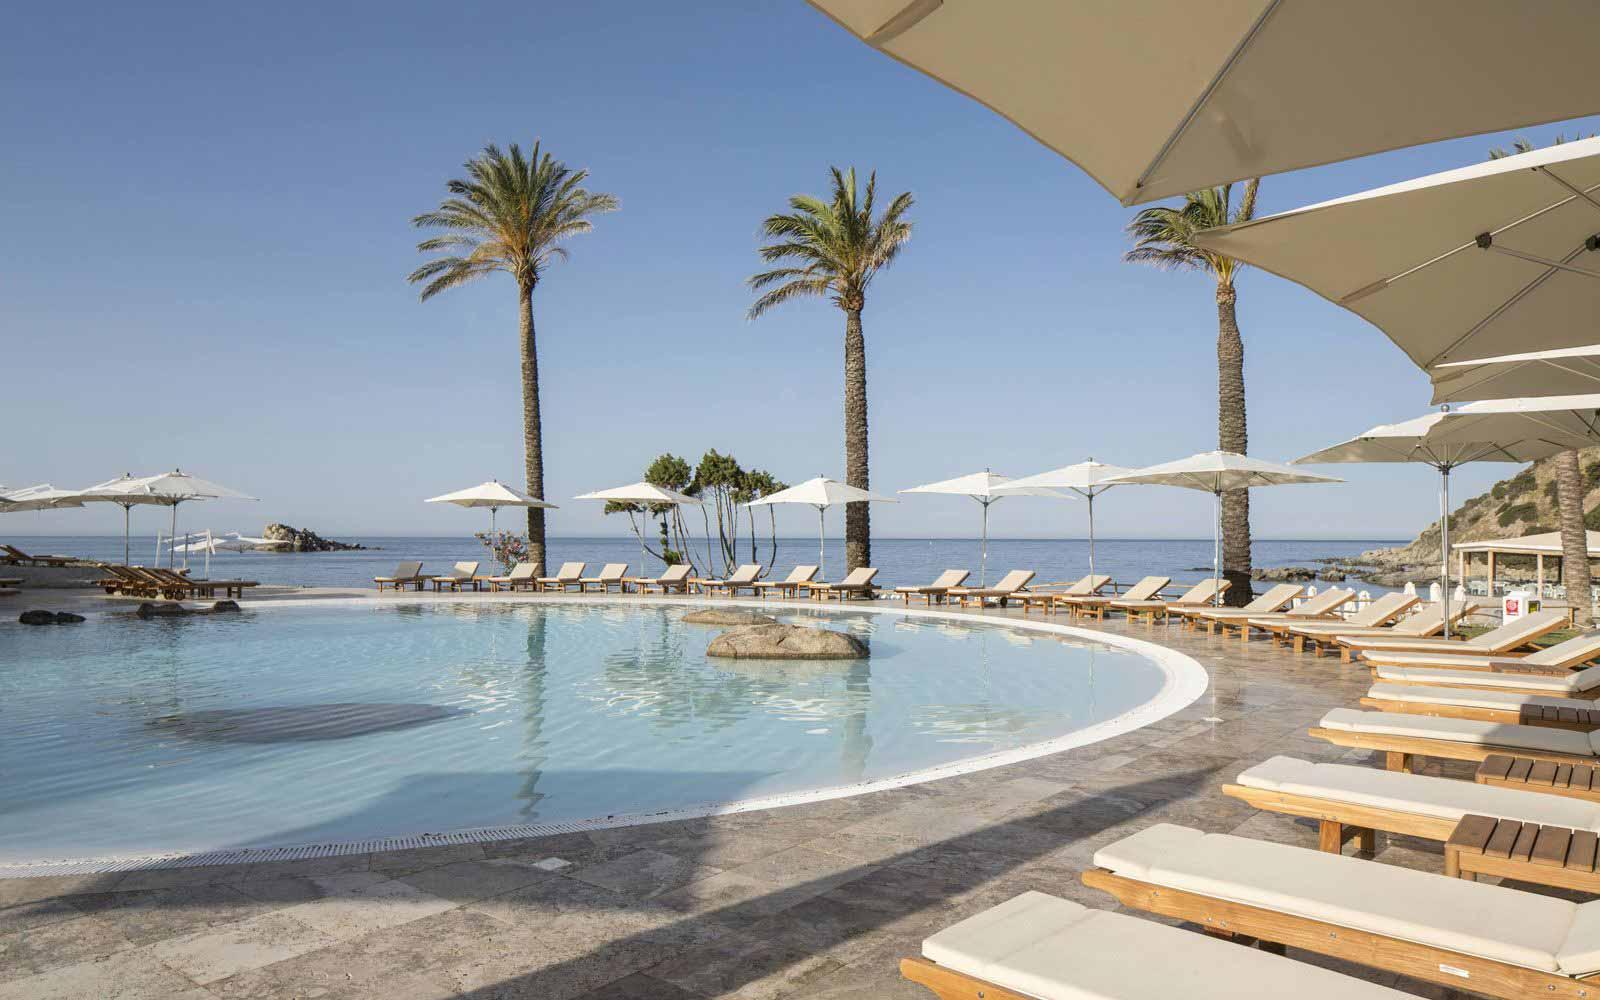 Swimming pool and solarium at Capo Boi Resort